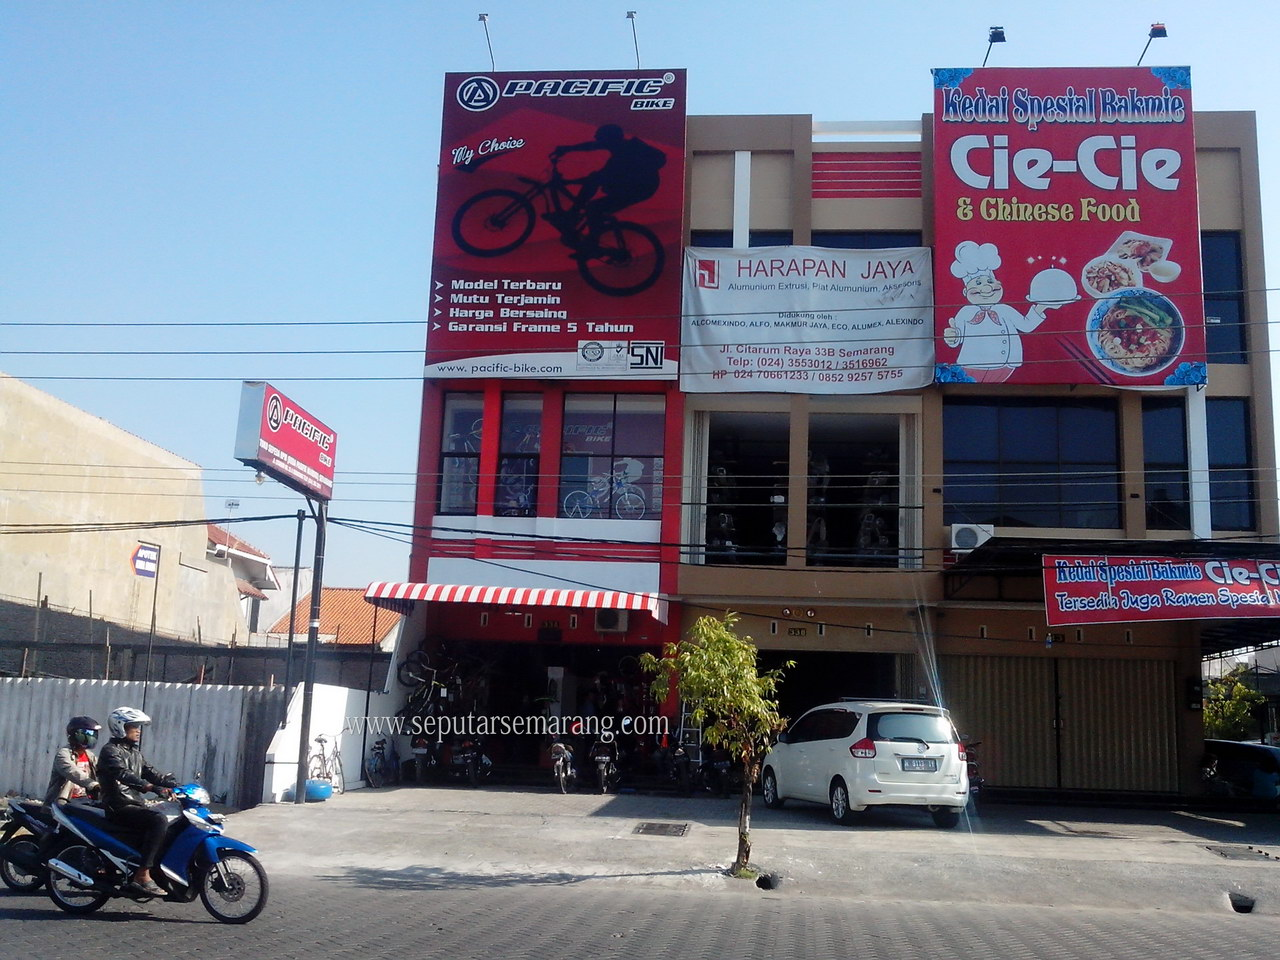 Pacific Bike, Toko Sepeda Seputar Semarang